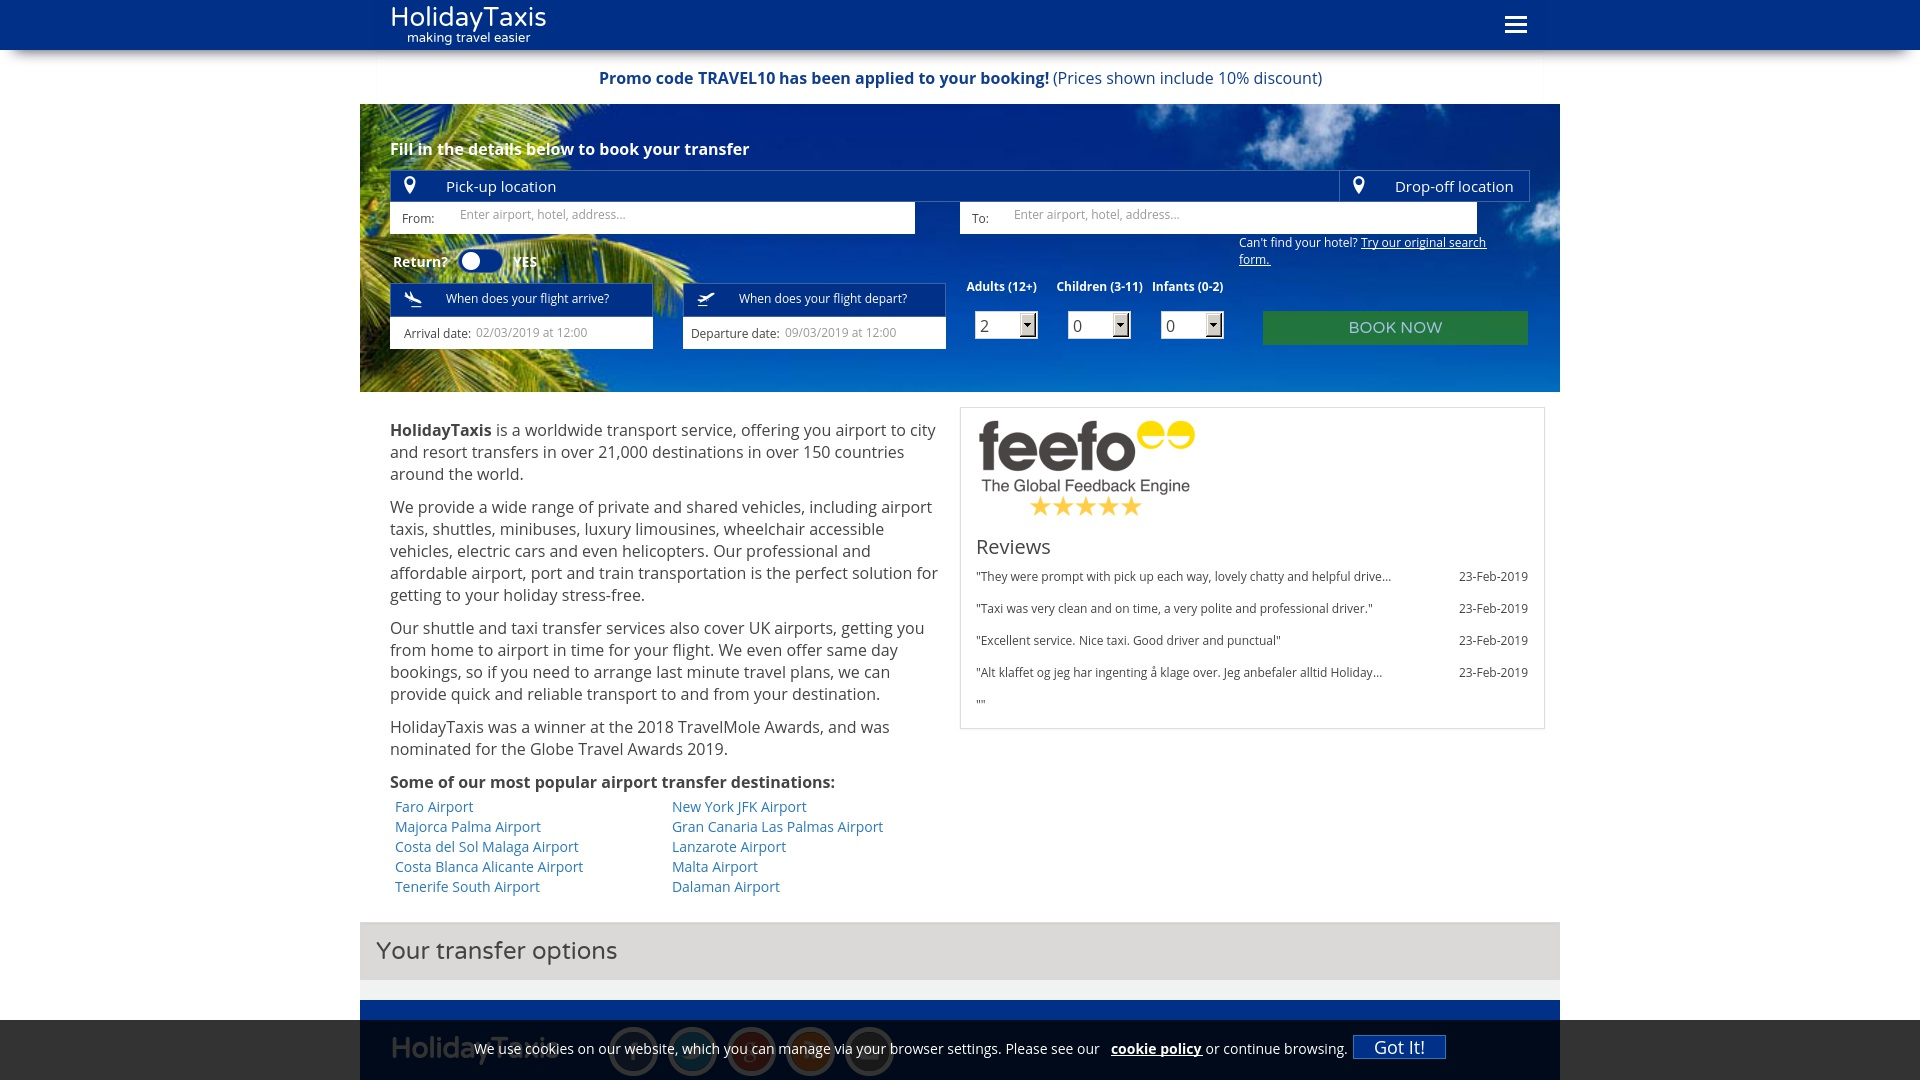 Gutschein für Holidaytaxis: Rabatte für  Holidaytaxis sichern